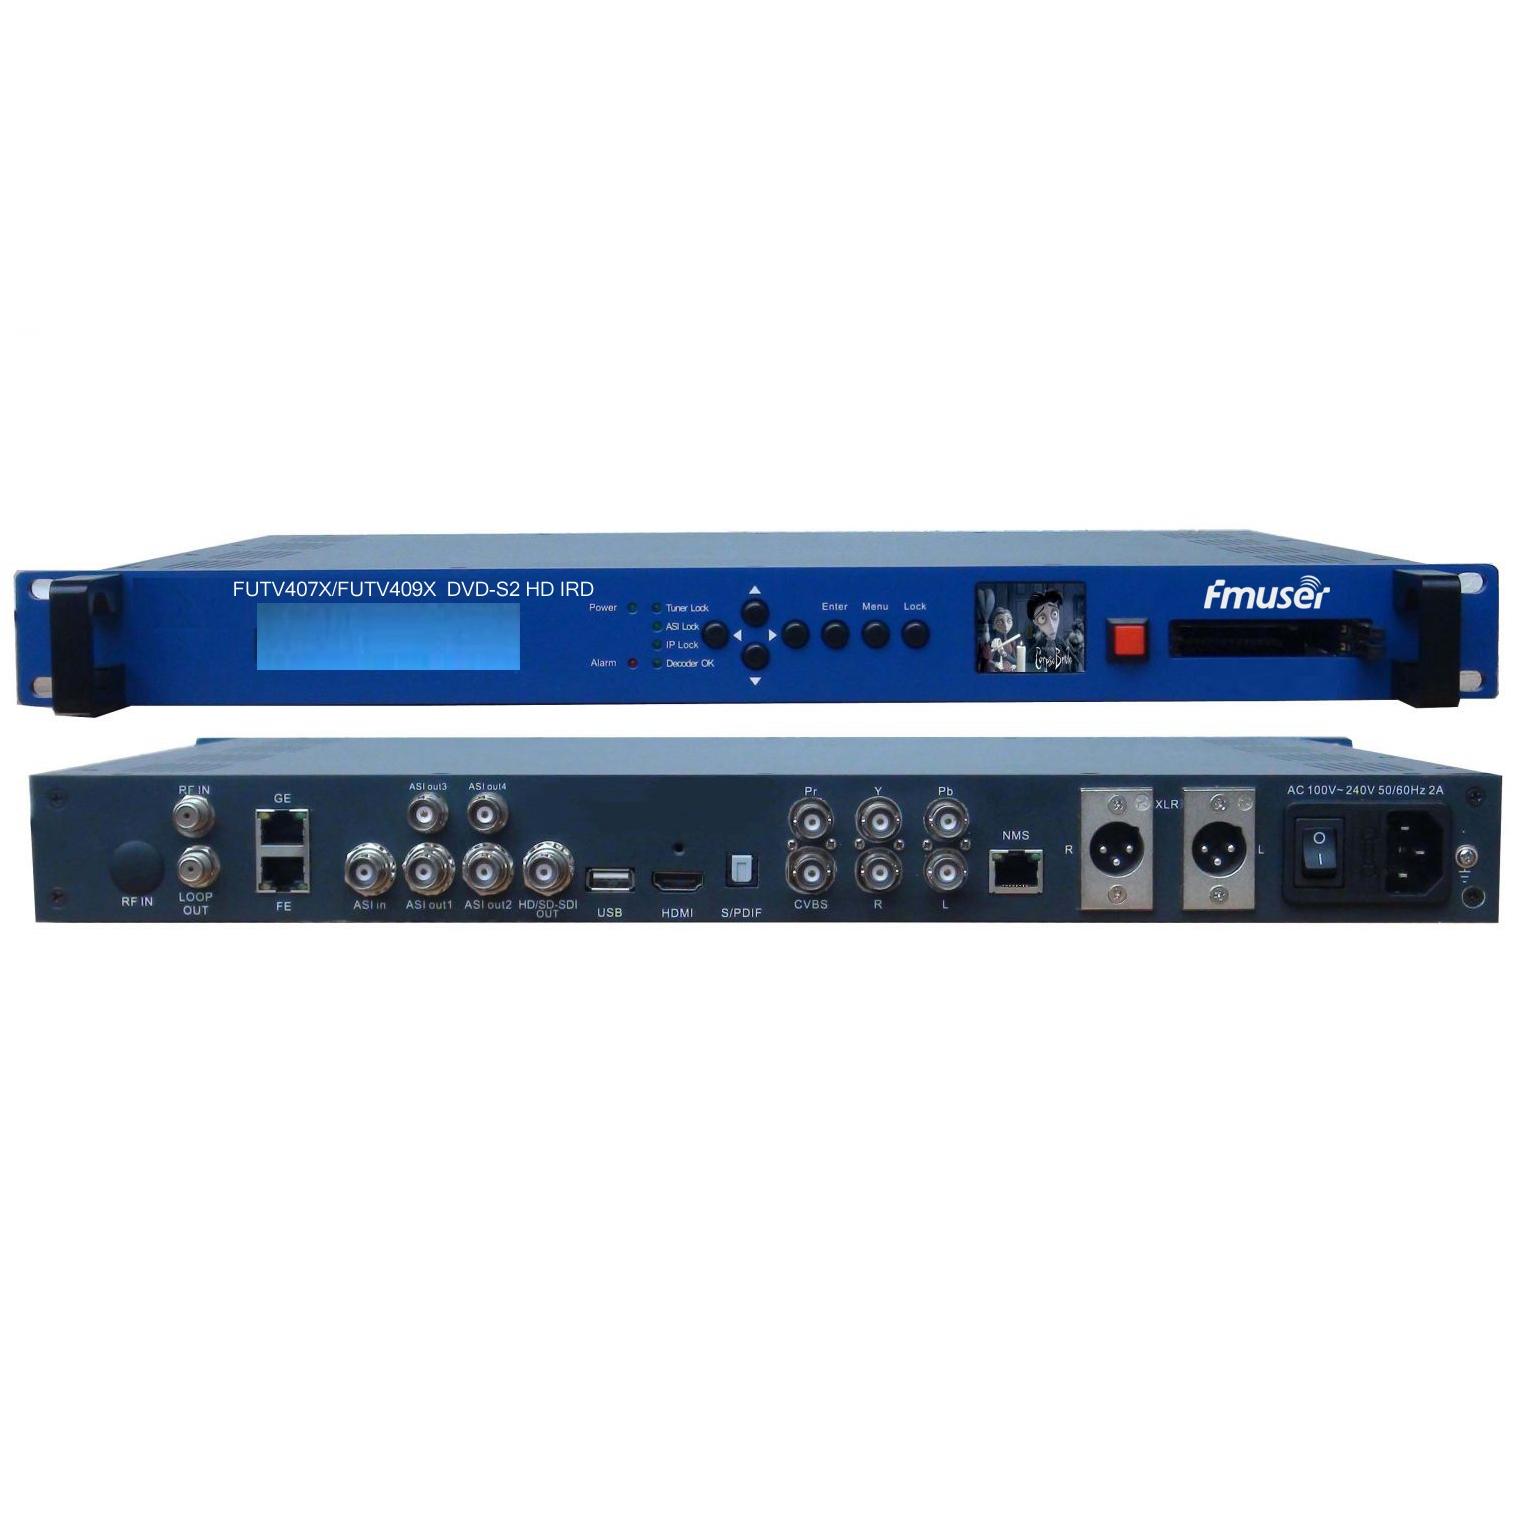 FMUSER FUTV409X / FUTV407X CAM IRD (1 DVB-C / T / S / S2, DMB-T, ISDB-T, ATSC-T mit Live-Bildschirm